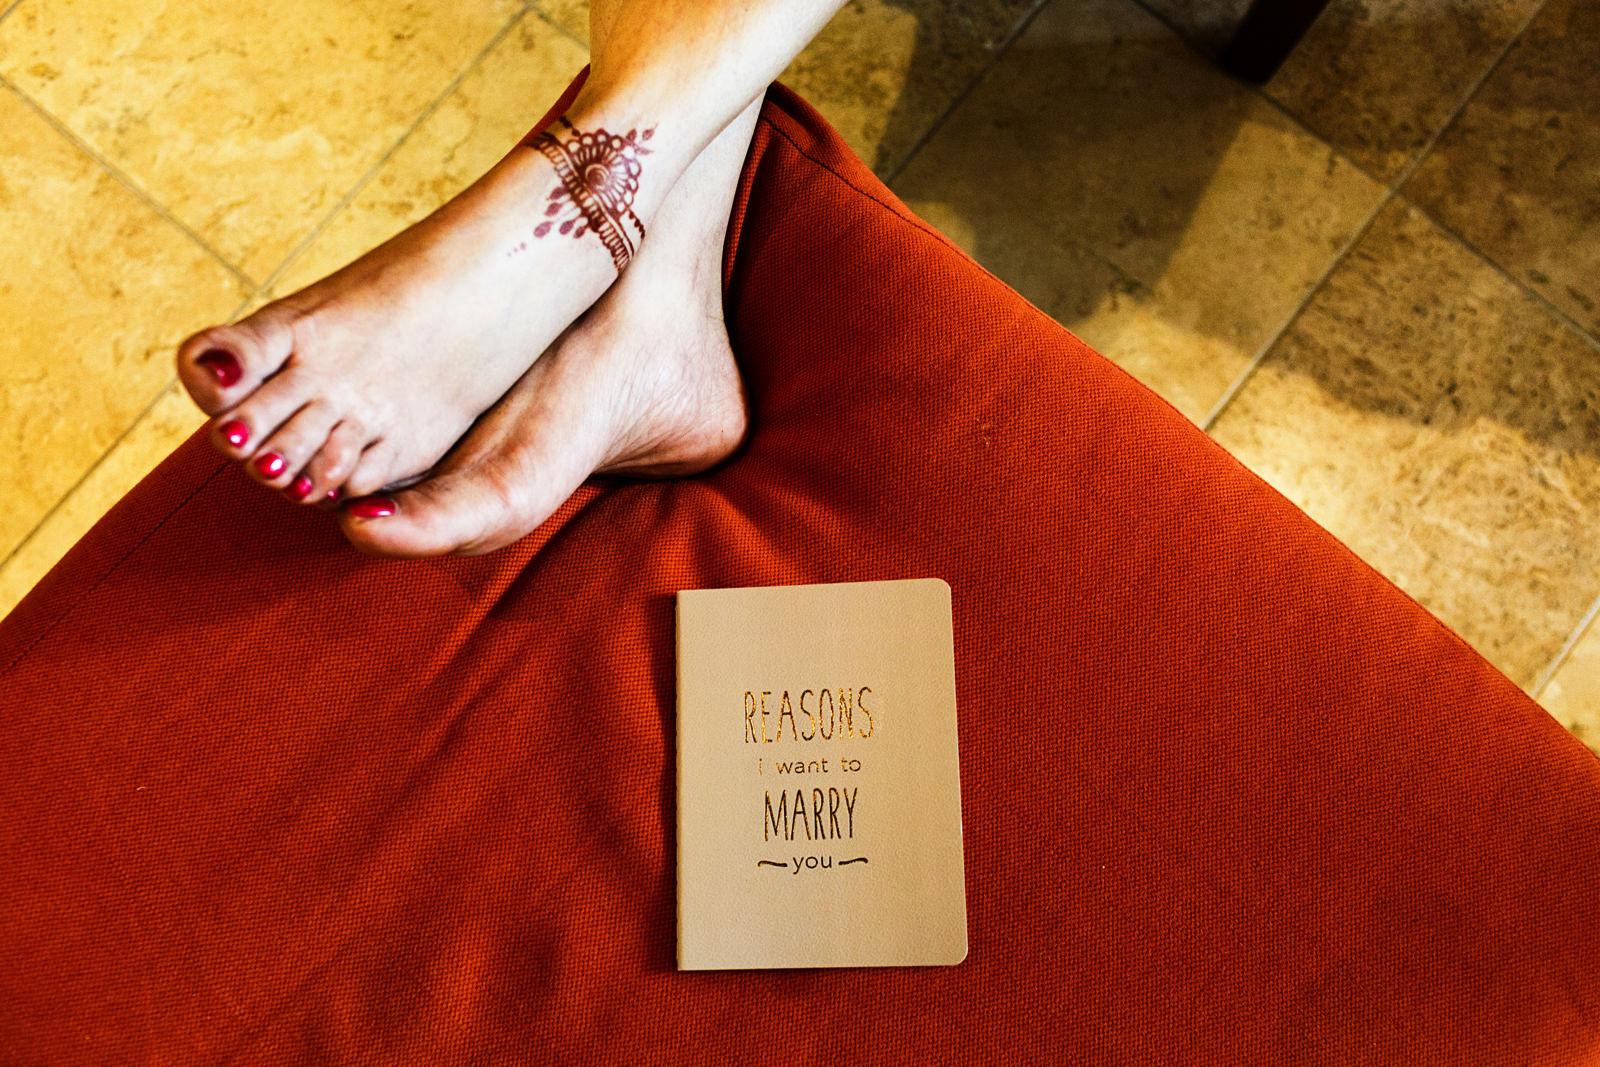 Wedding detail vows book next to henna tattooed bride's feet